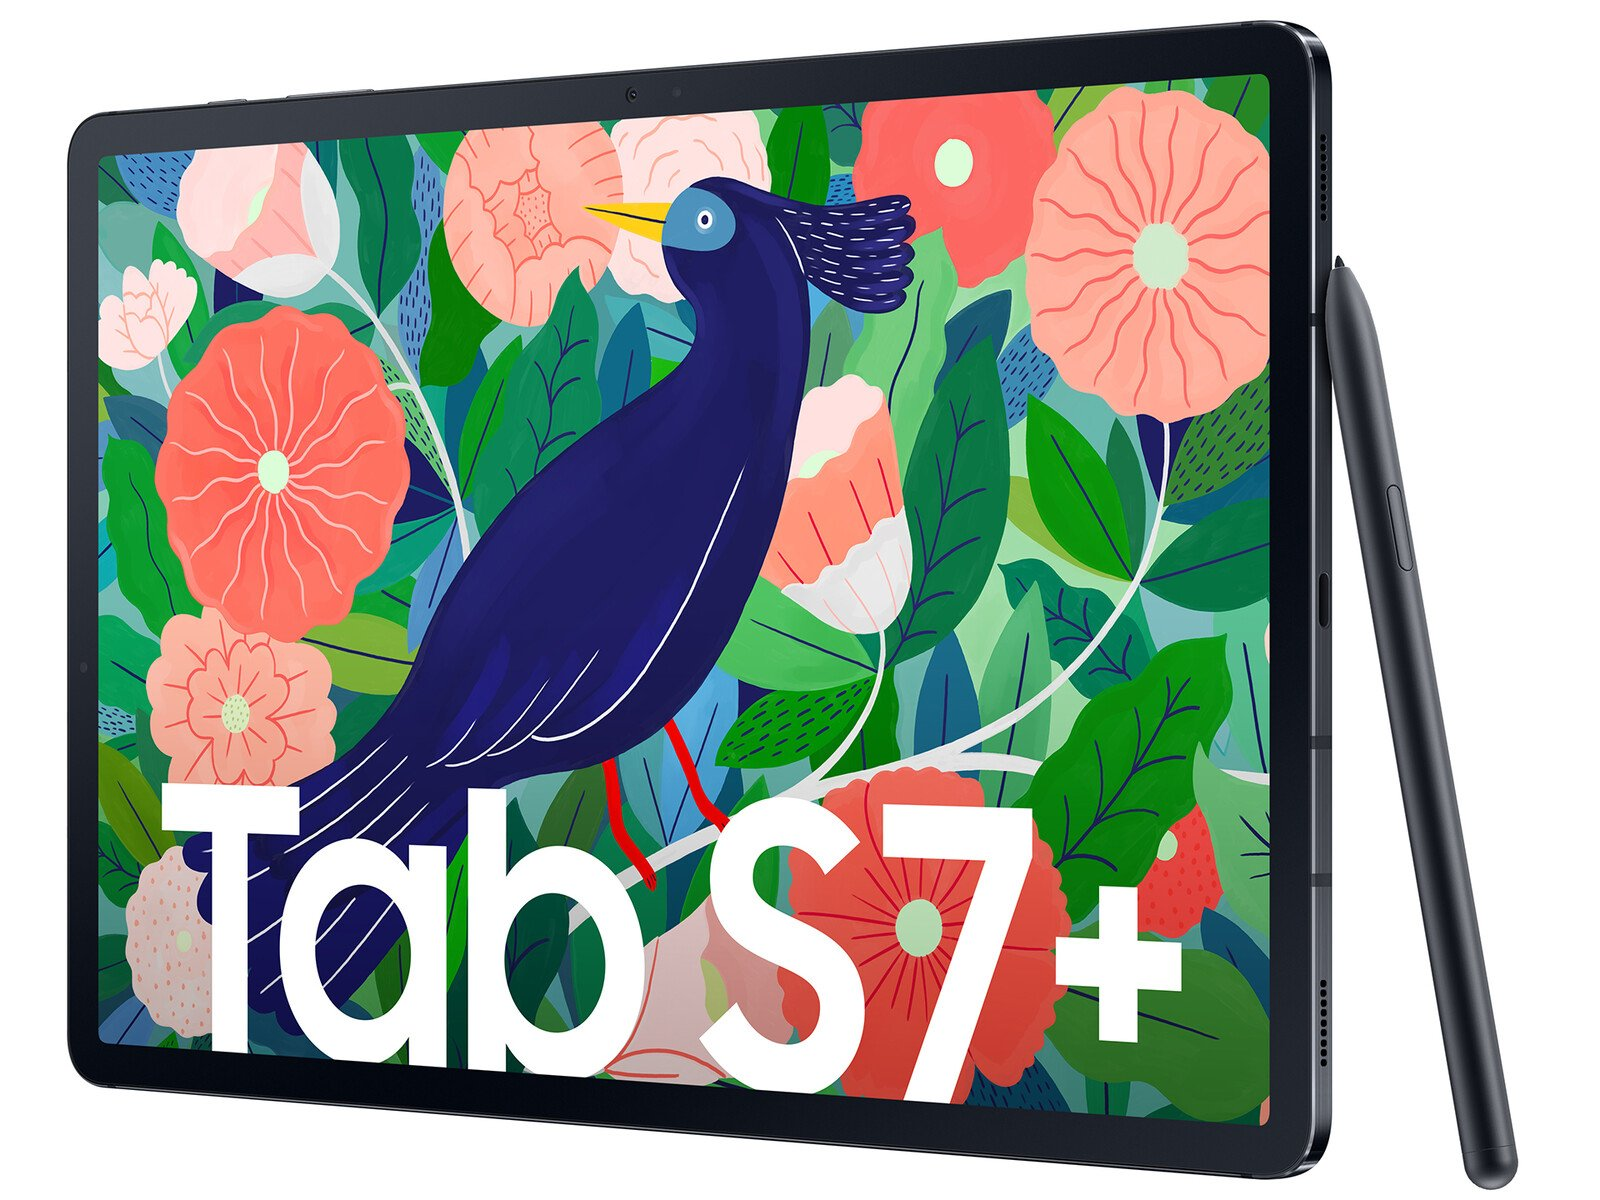 Imagem do novo Tablet S7+